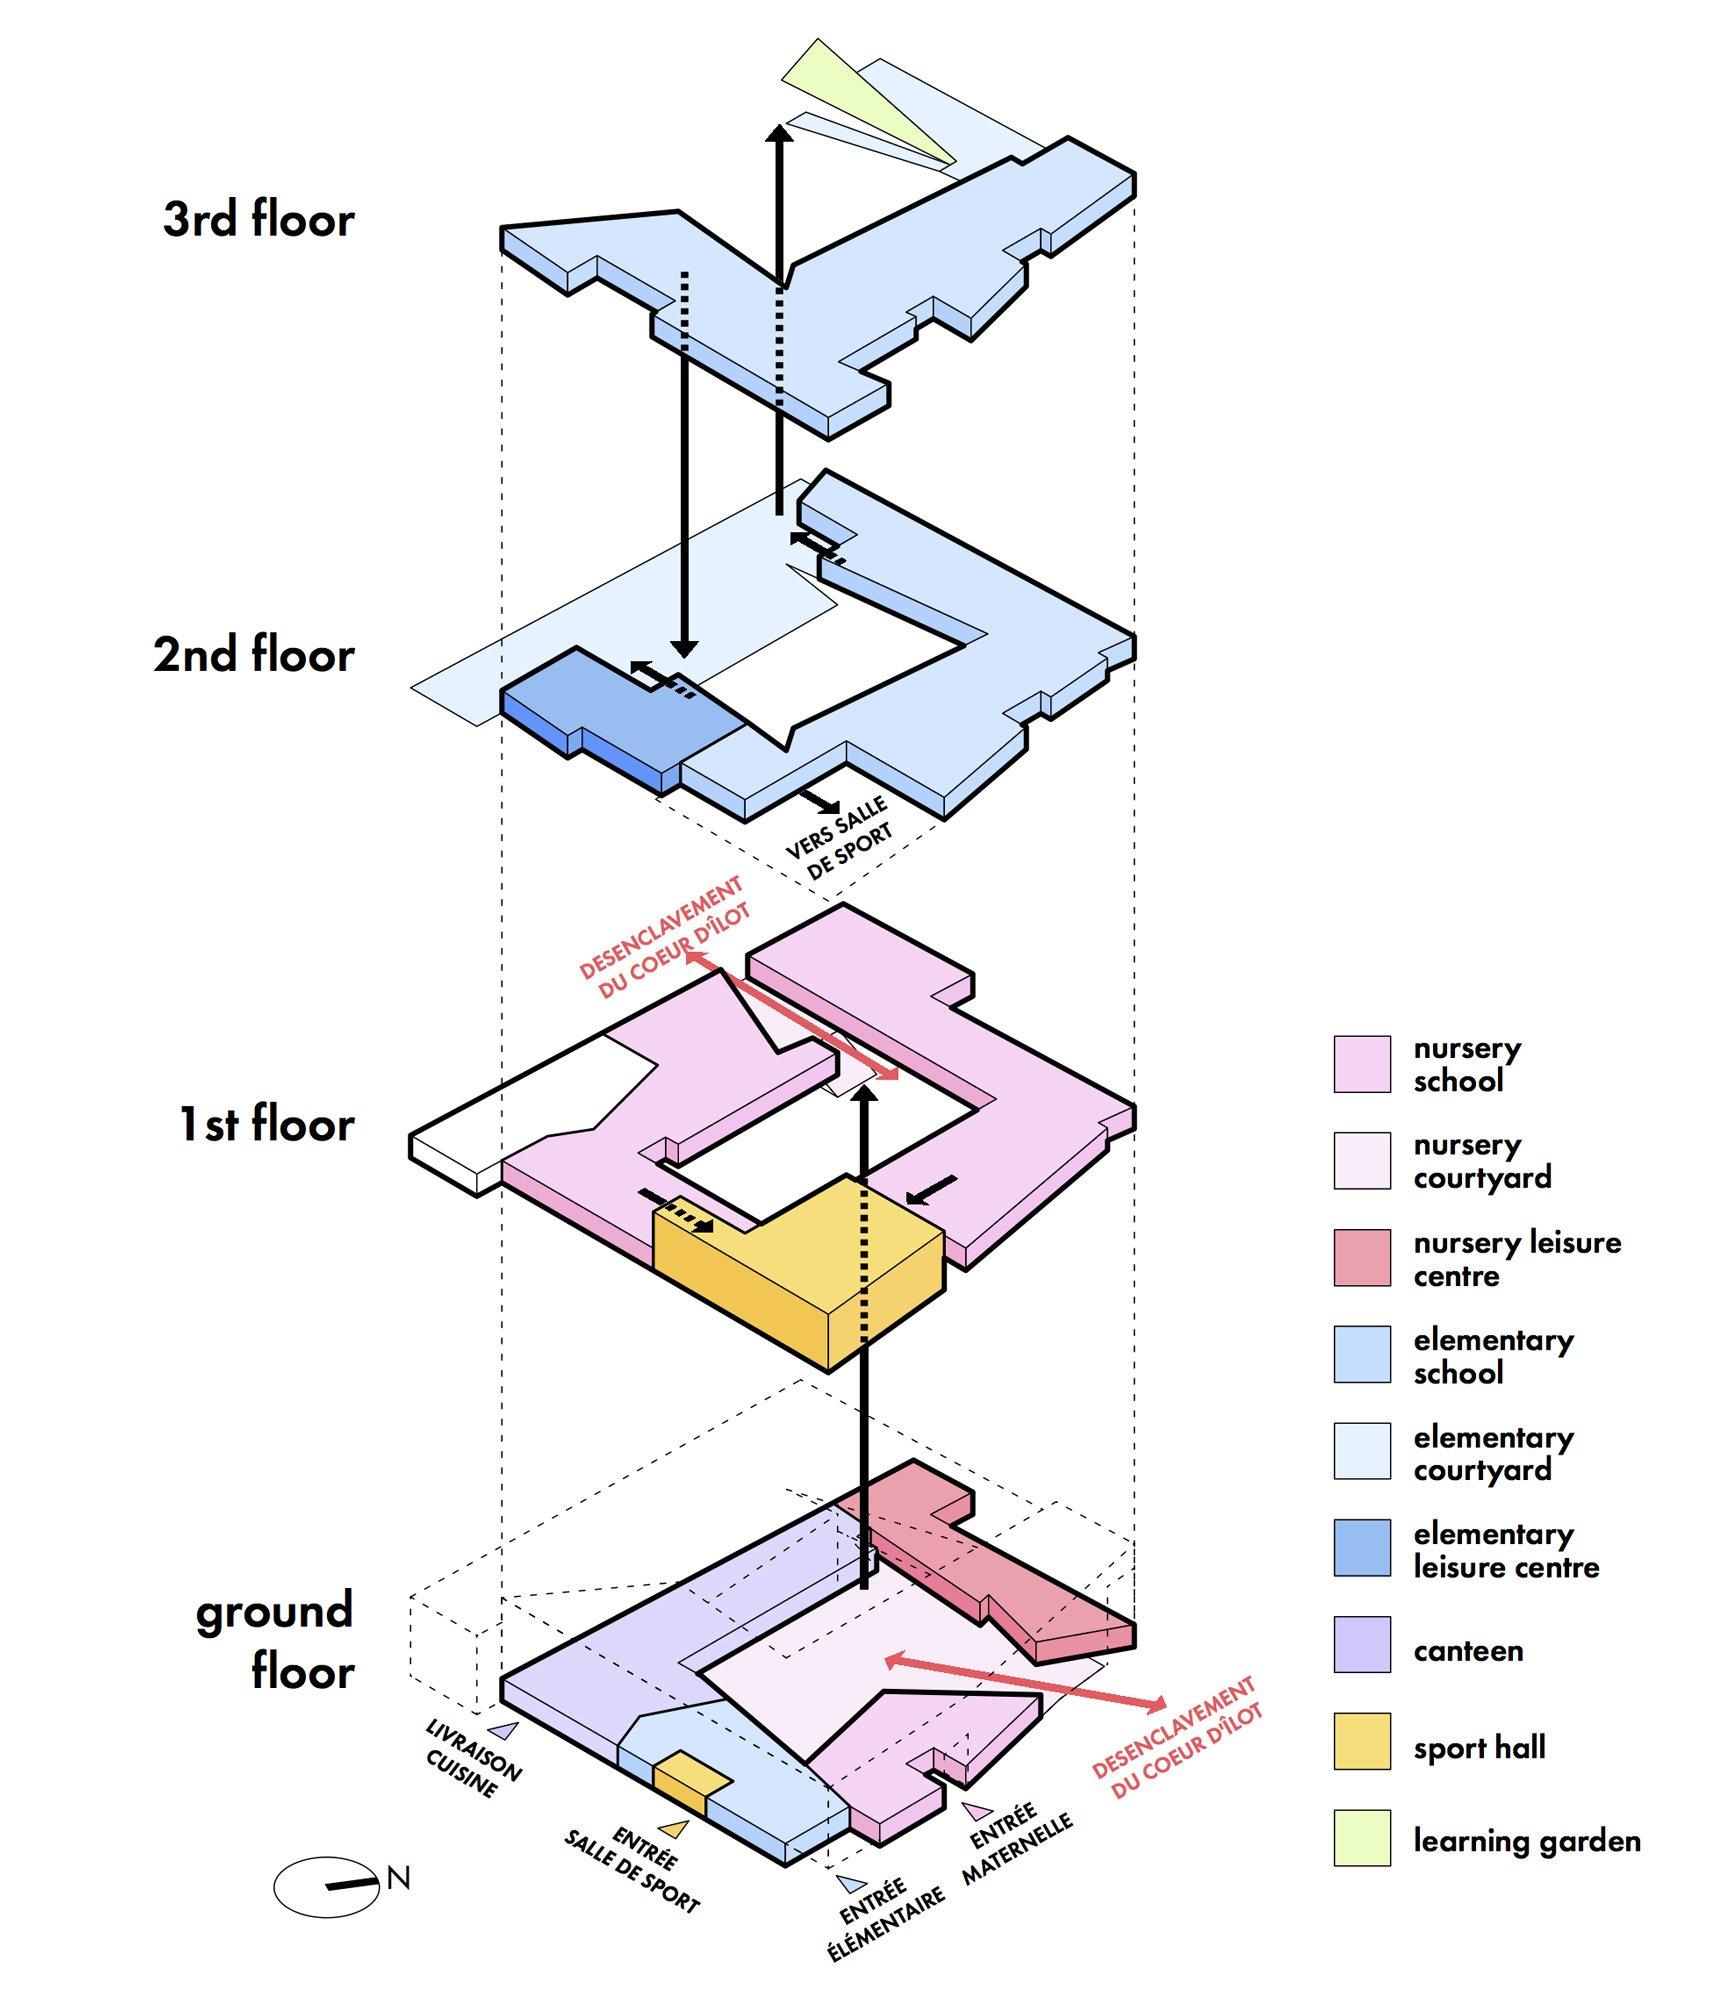 Diagramma della distribuzione dei piani © Dominique Coulon & associés